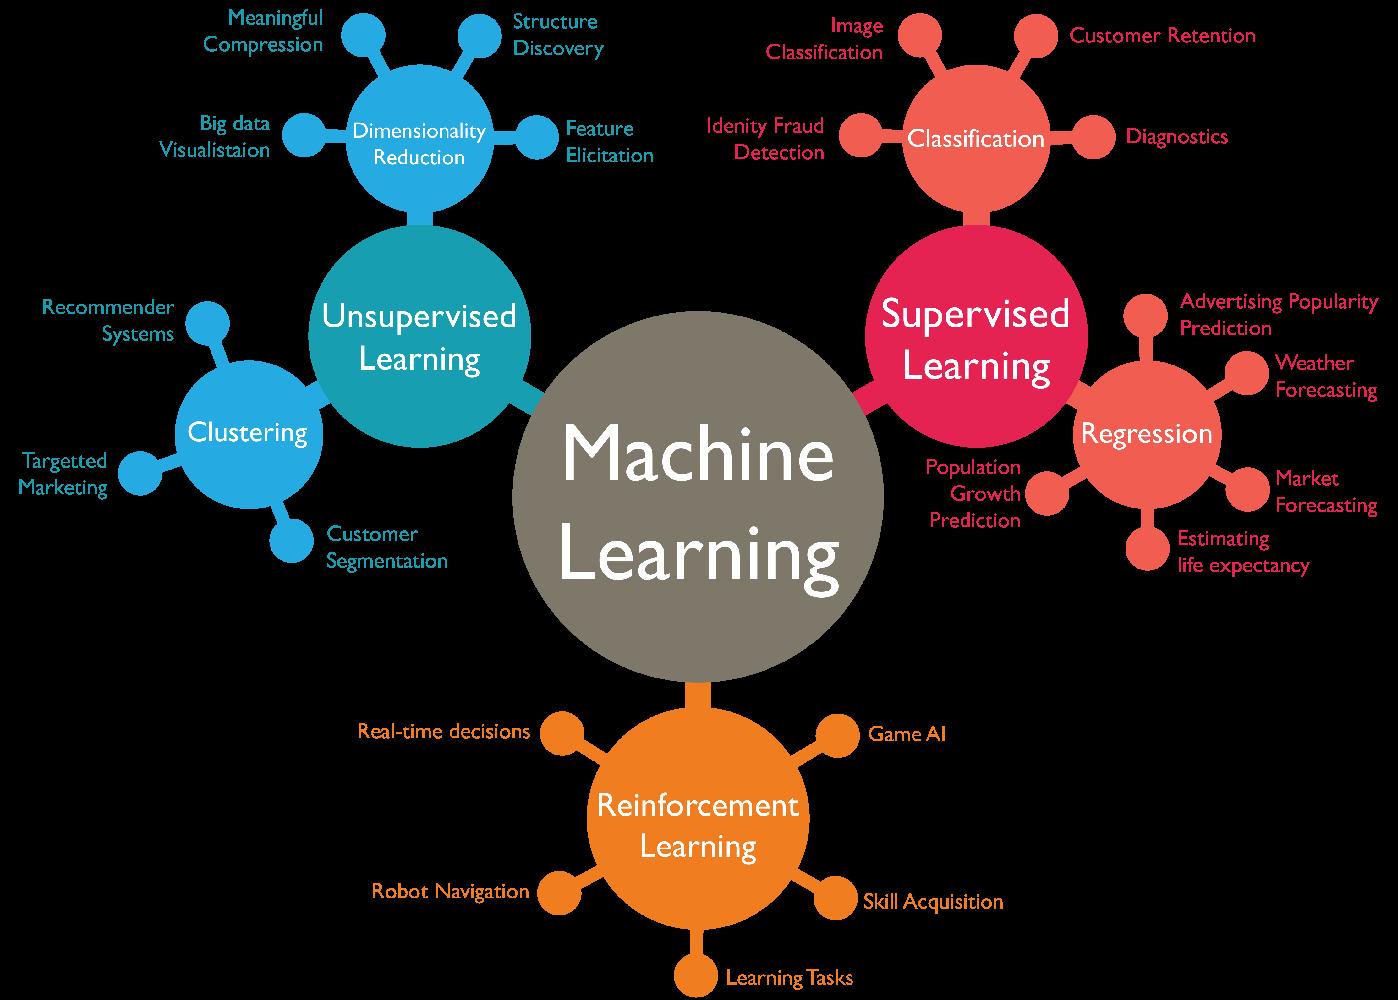 หลักการเรียนรู้ข้อมูลของ Machine Learning